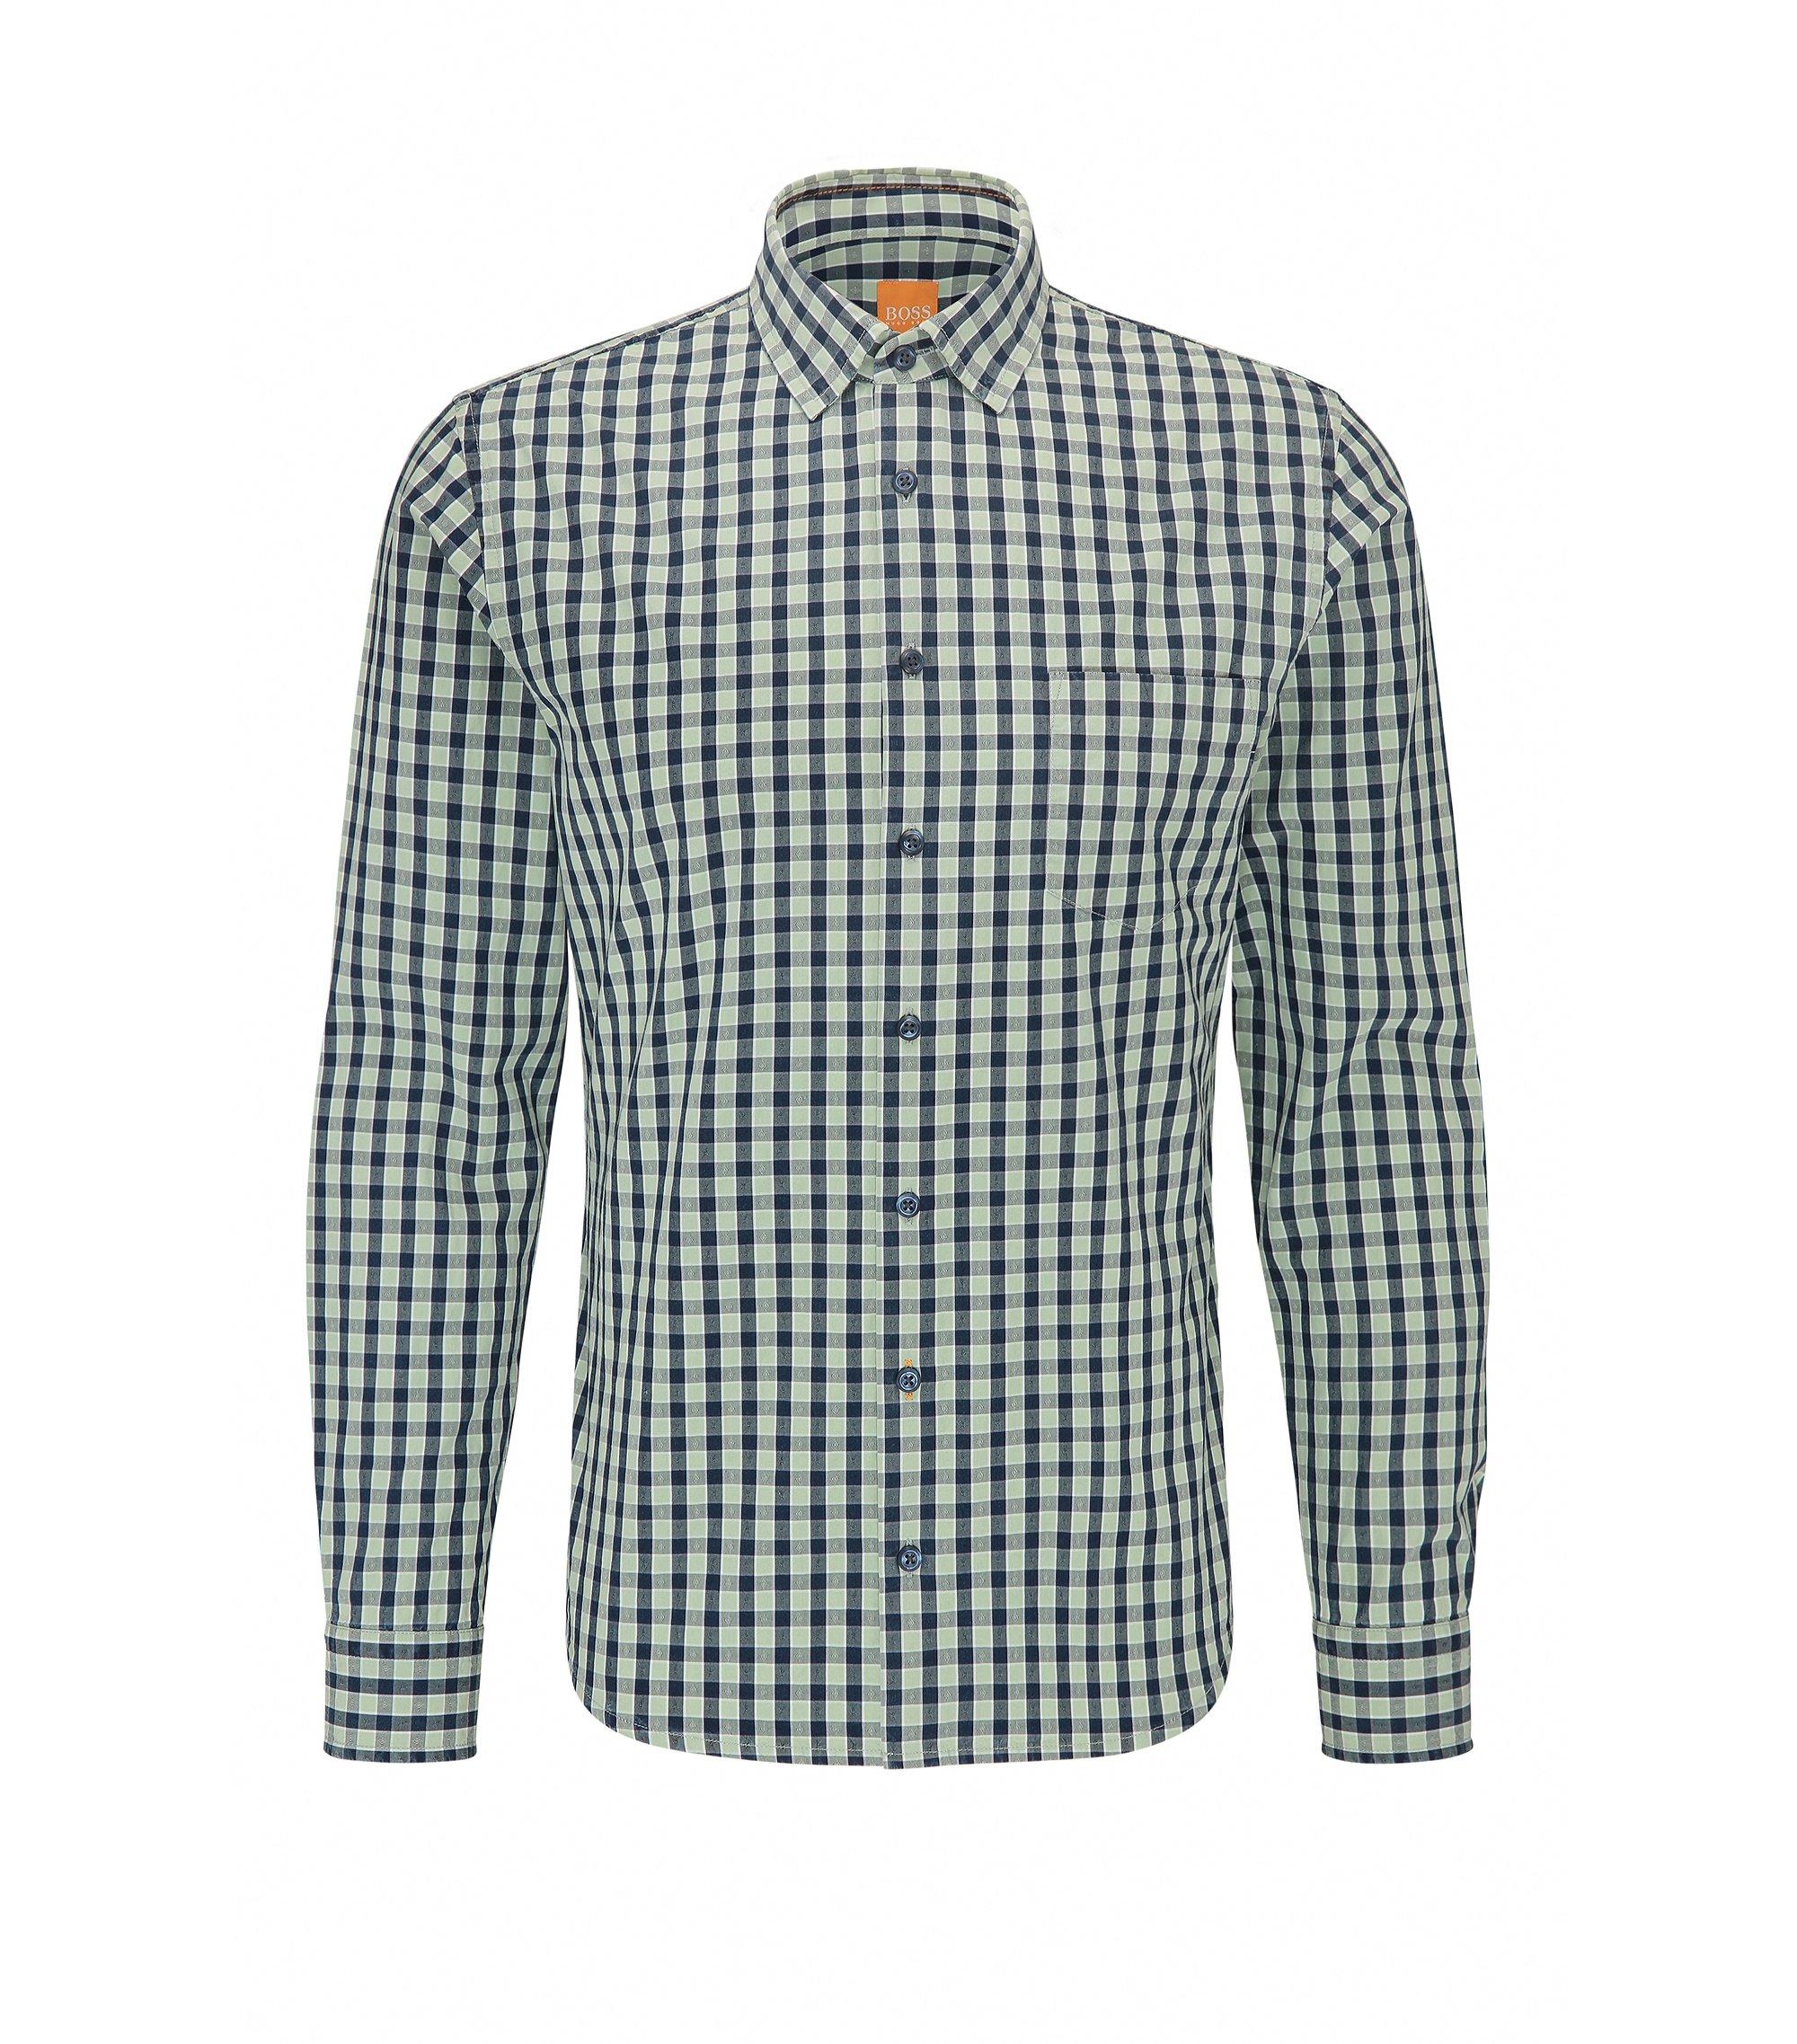 Chemise Slim Fit en coton à motif vichy, Turquoise